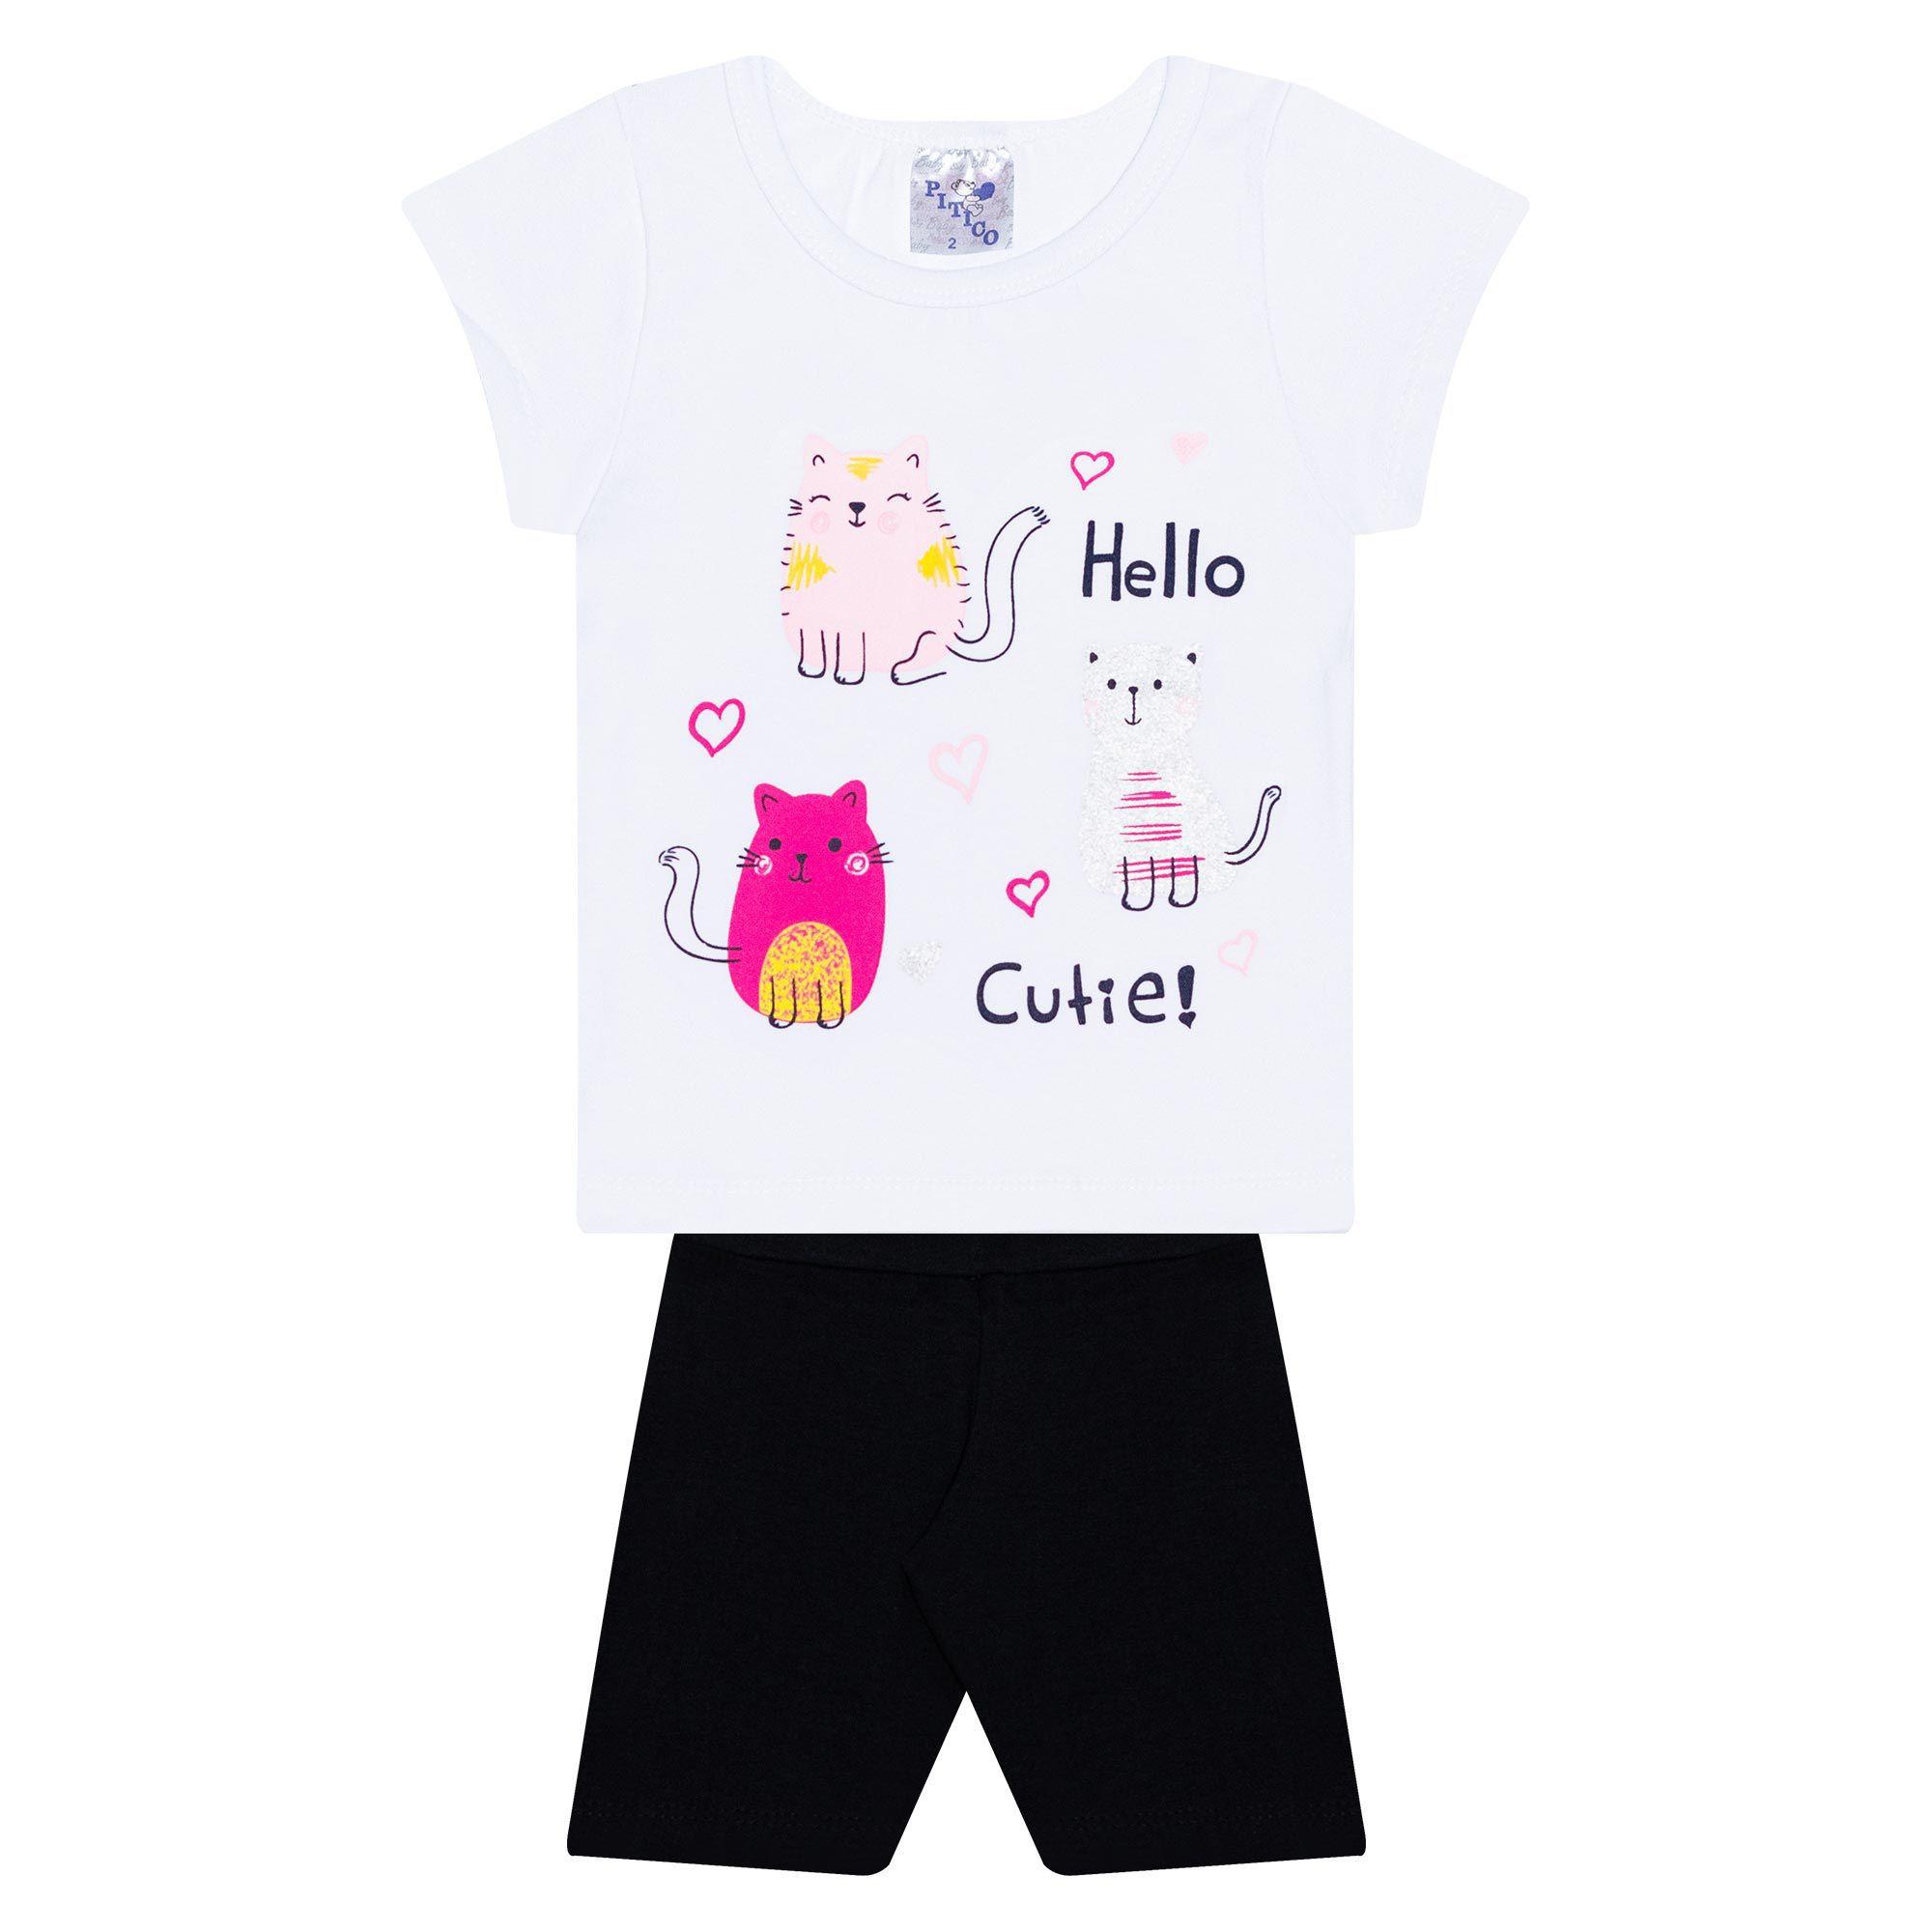 Conjunto Infantil Feminino - Ref 1023 - Branco/Preto - Pitico